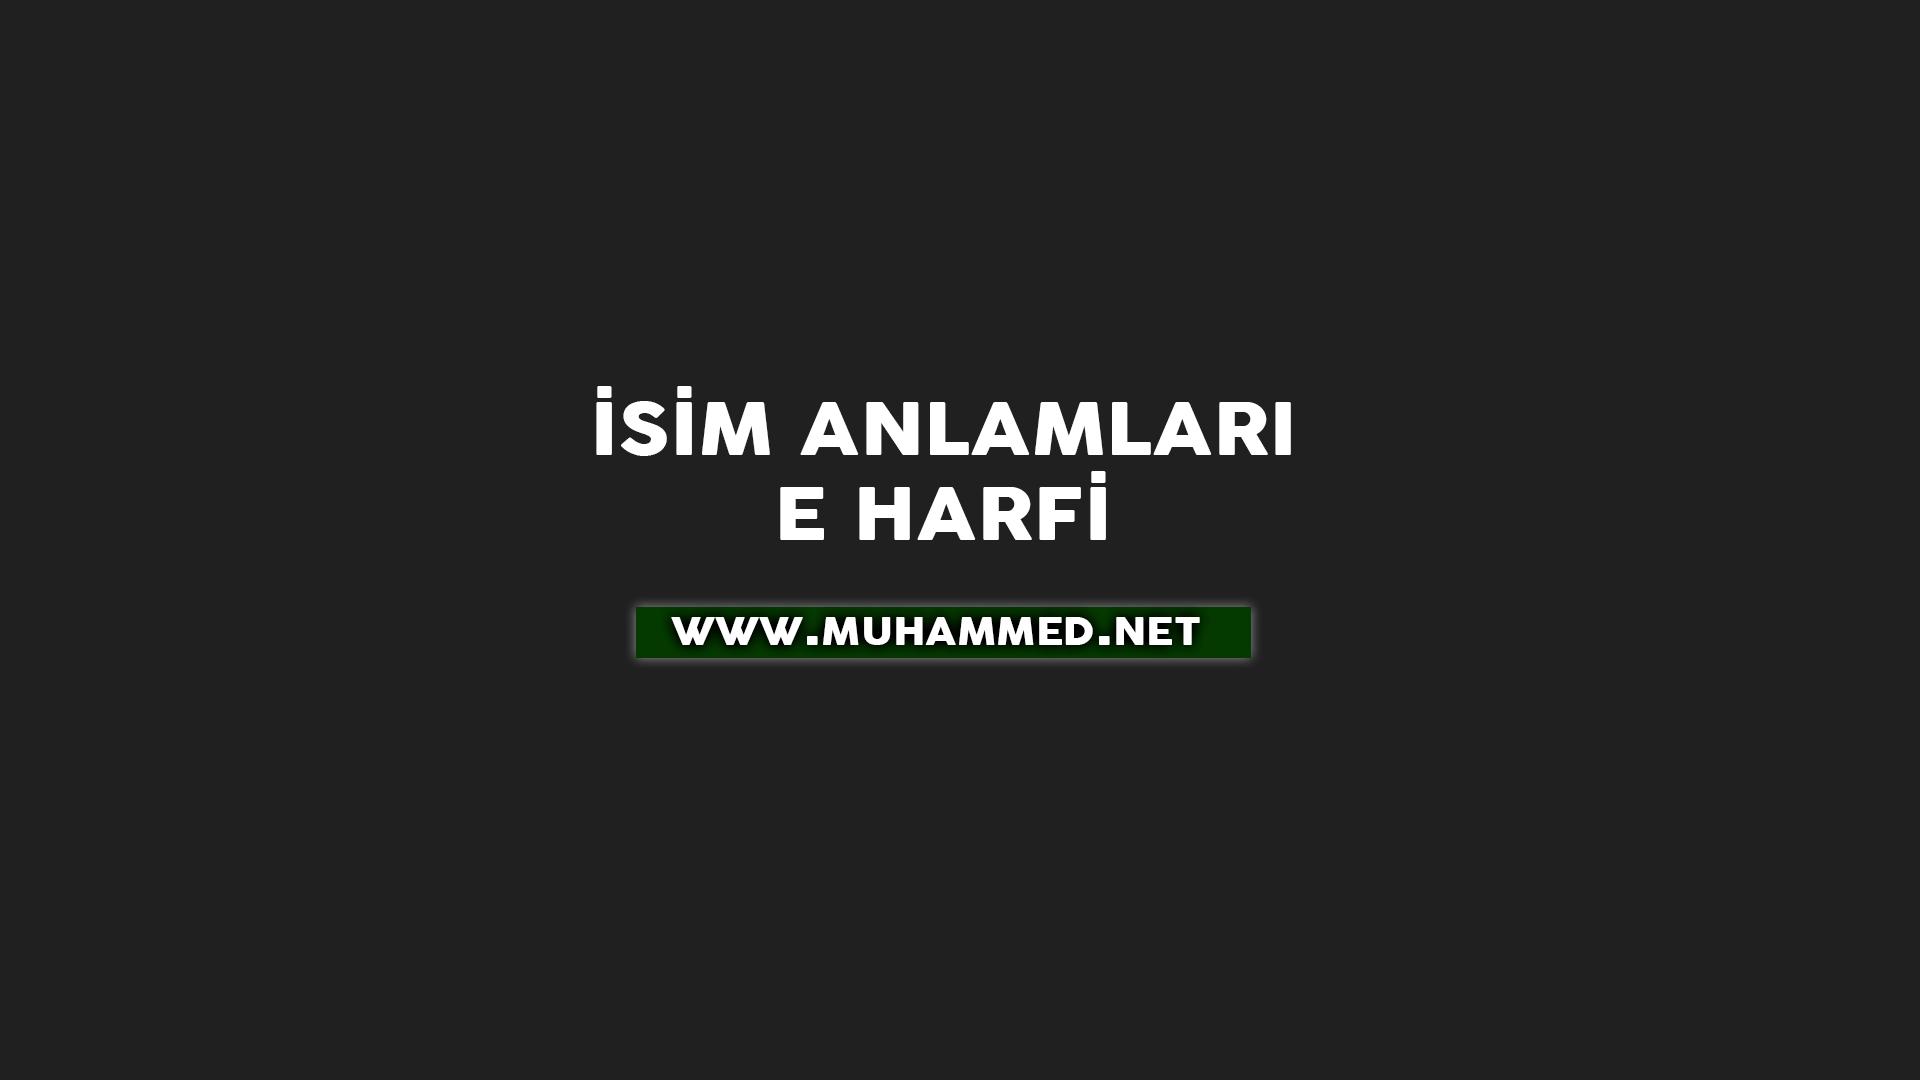 İsim Anlamları - E Harfi